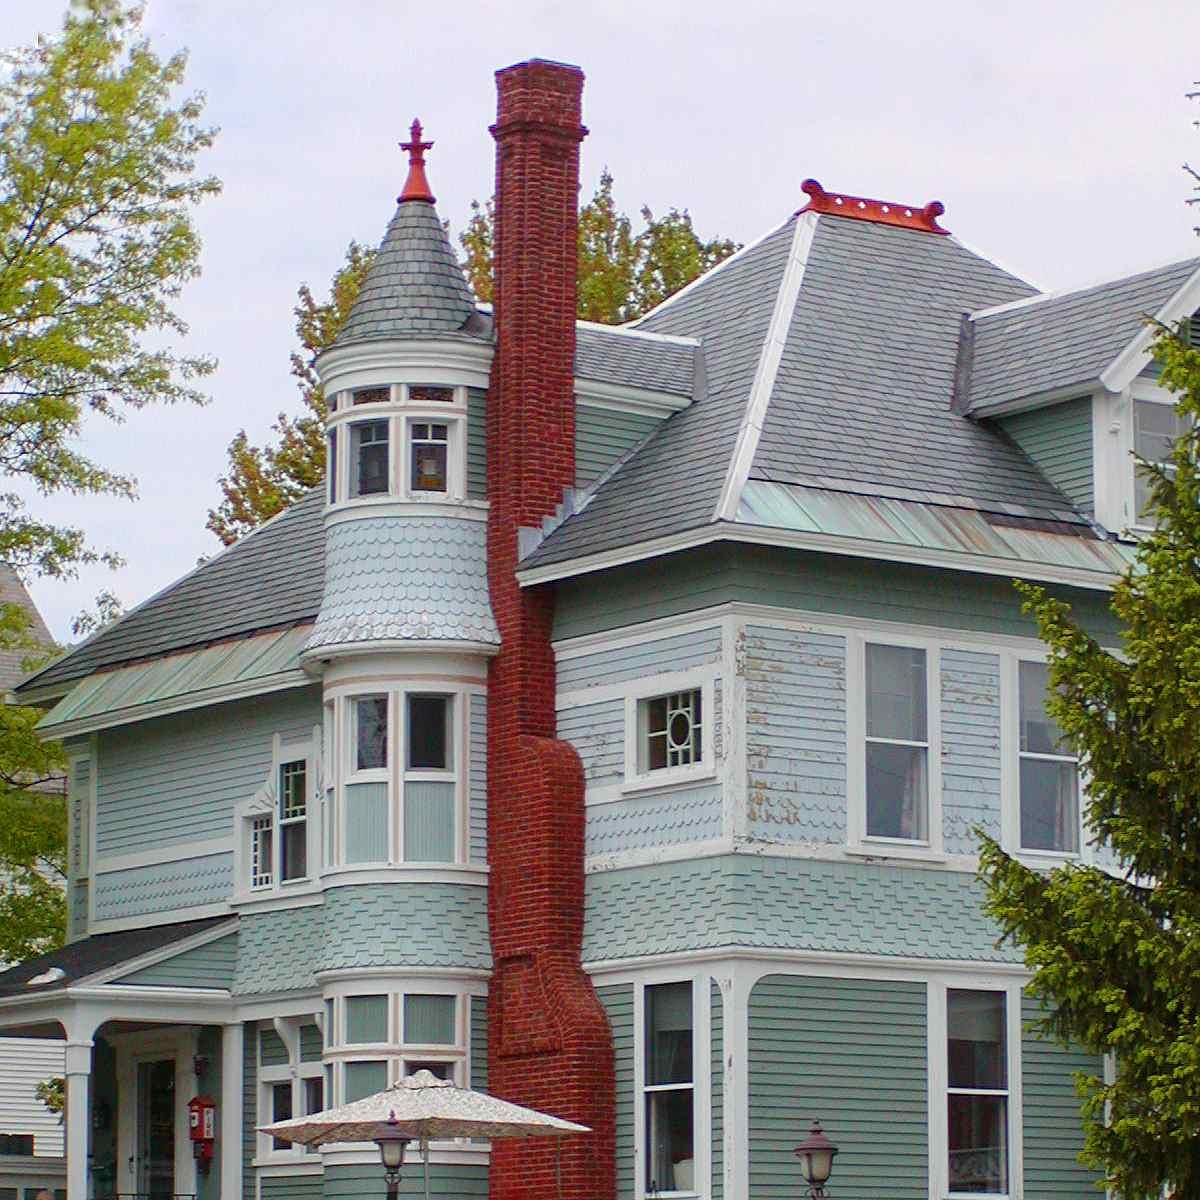 Photo du style Queen Anne Ash Street Inn